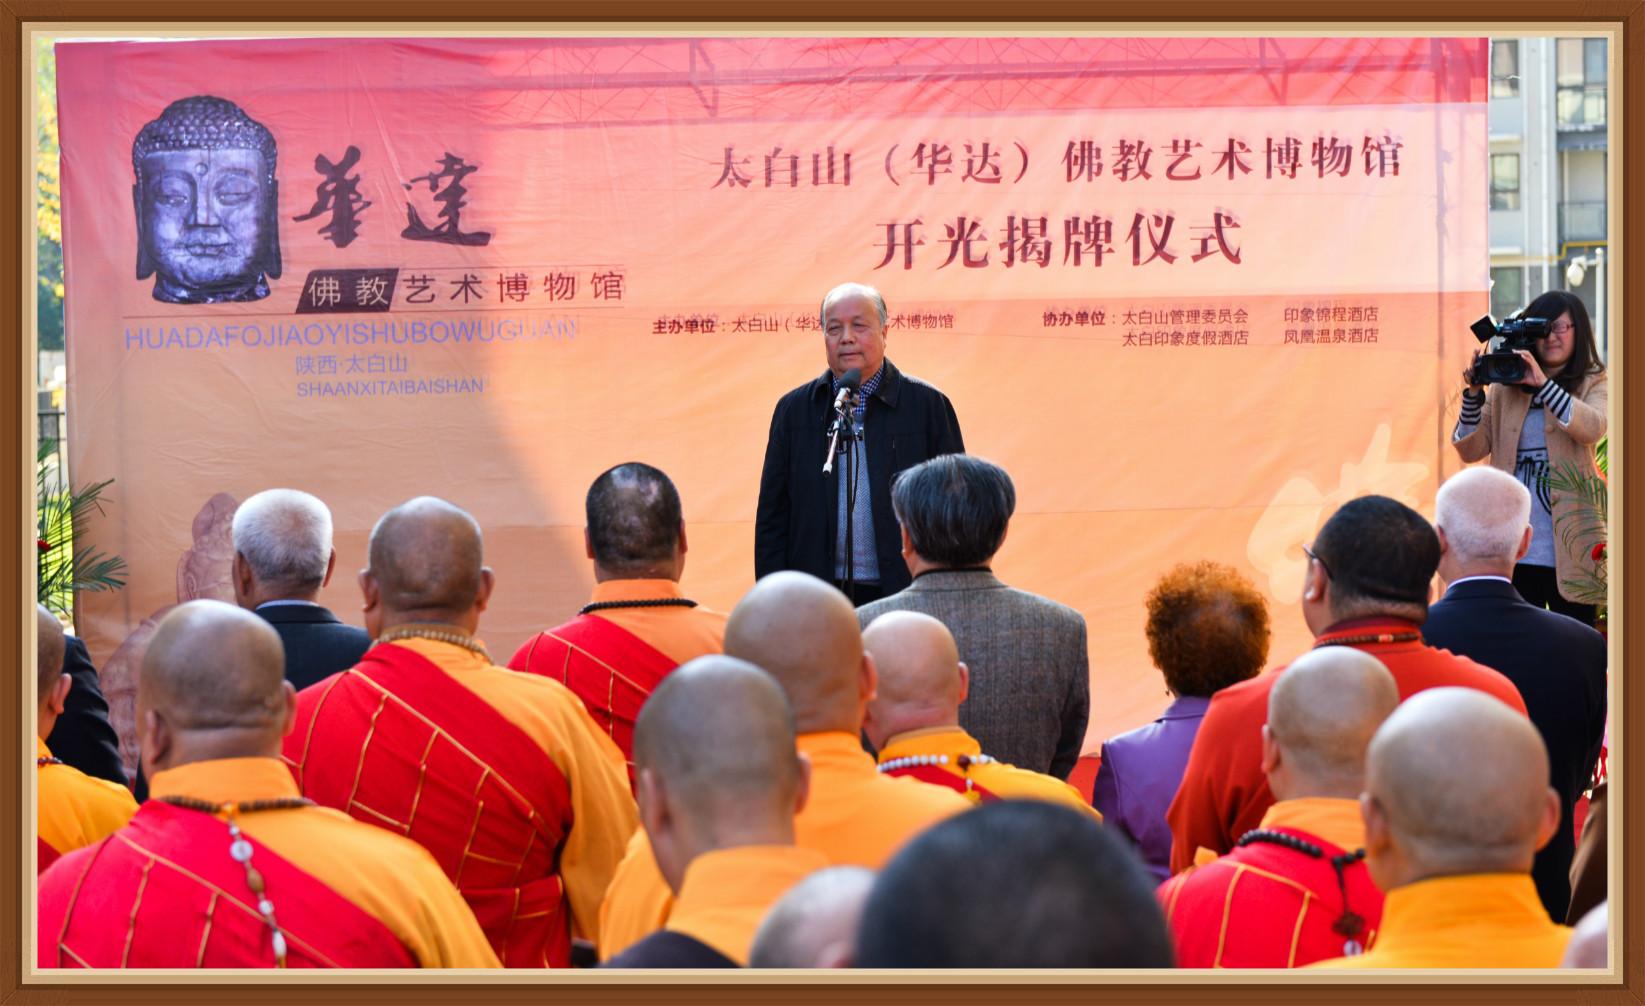 张俊海董事长在开光揭牌仪式上讲话